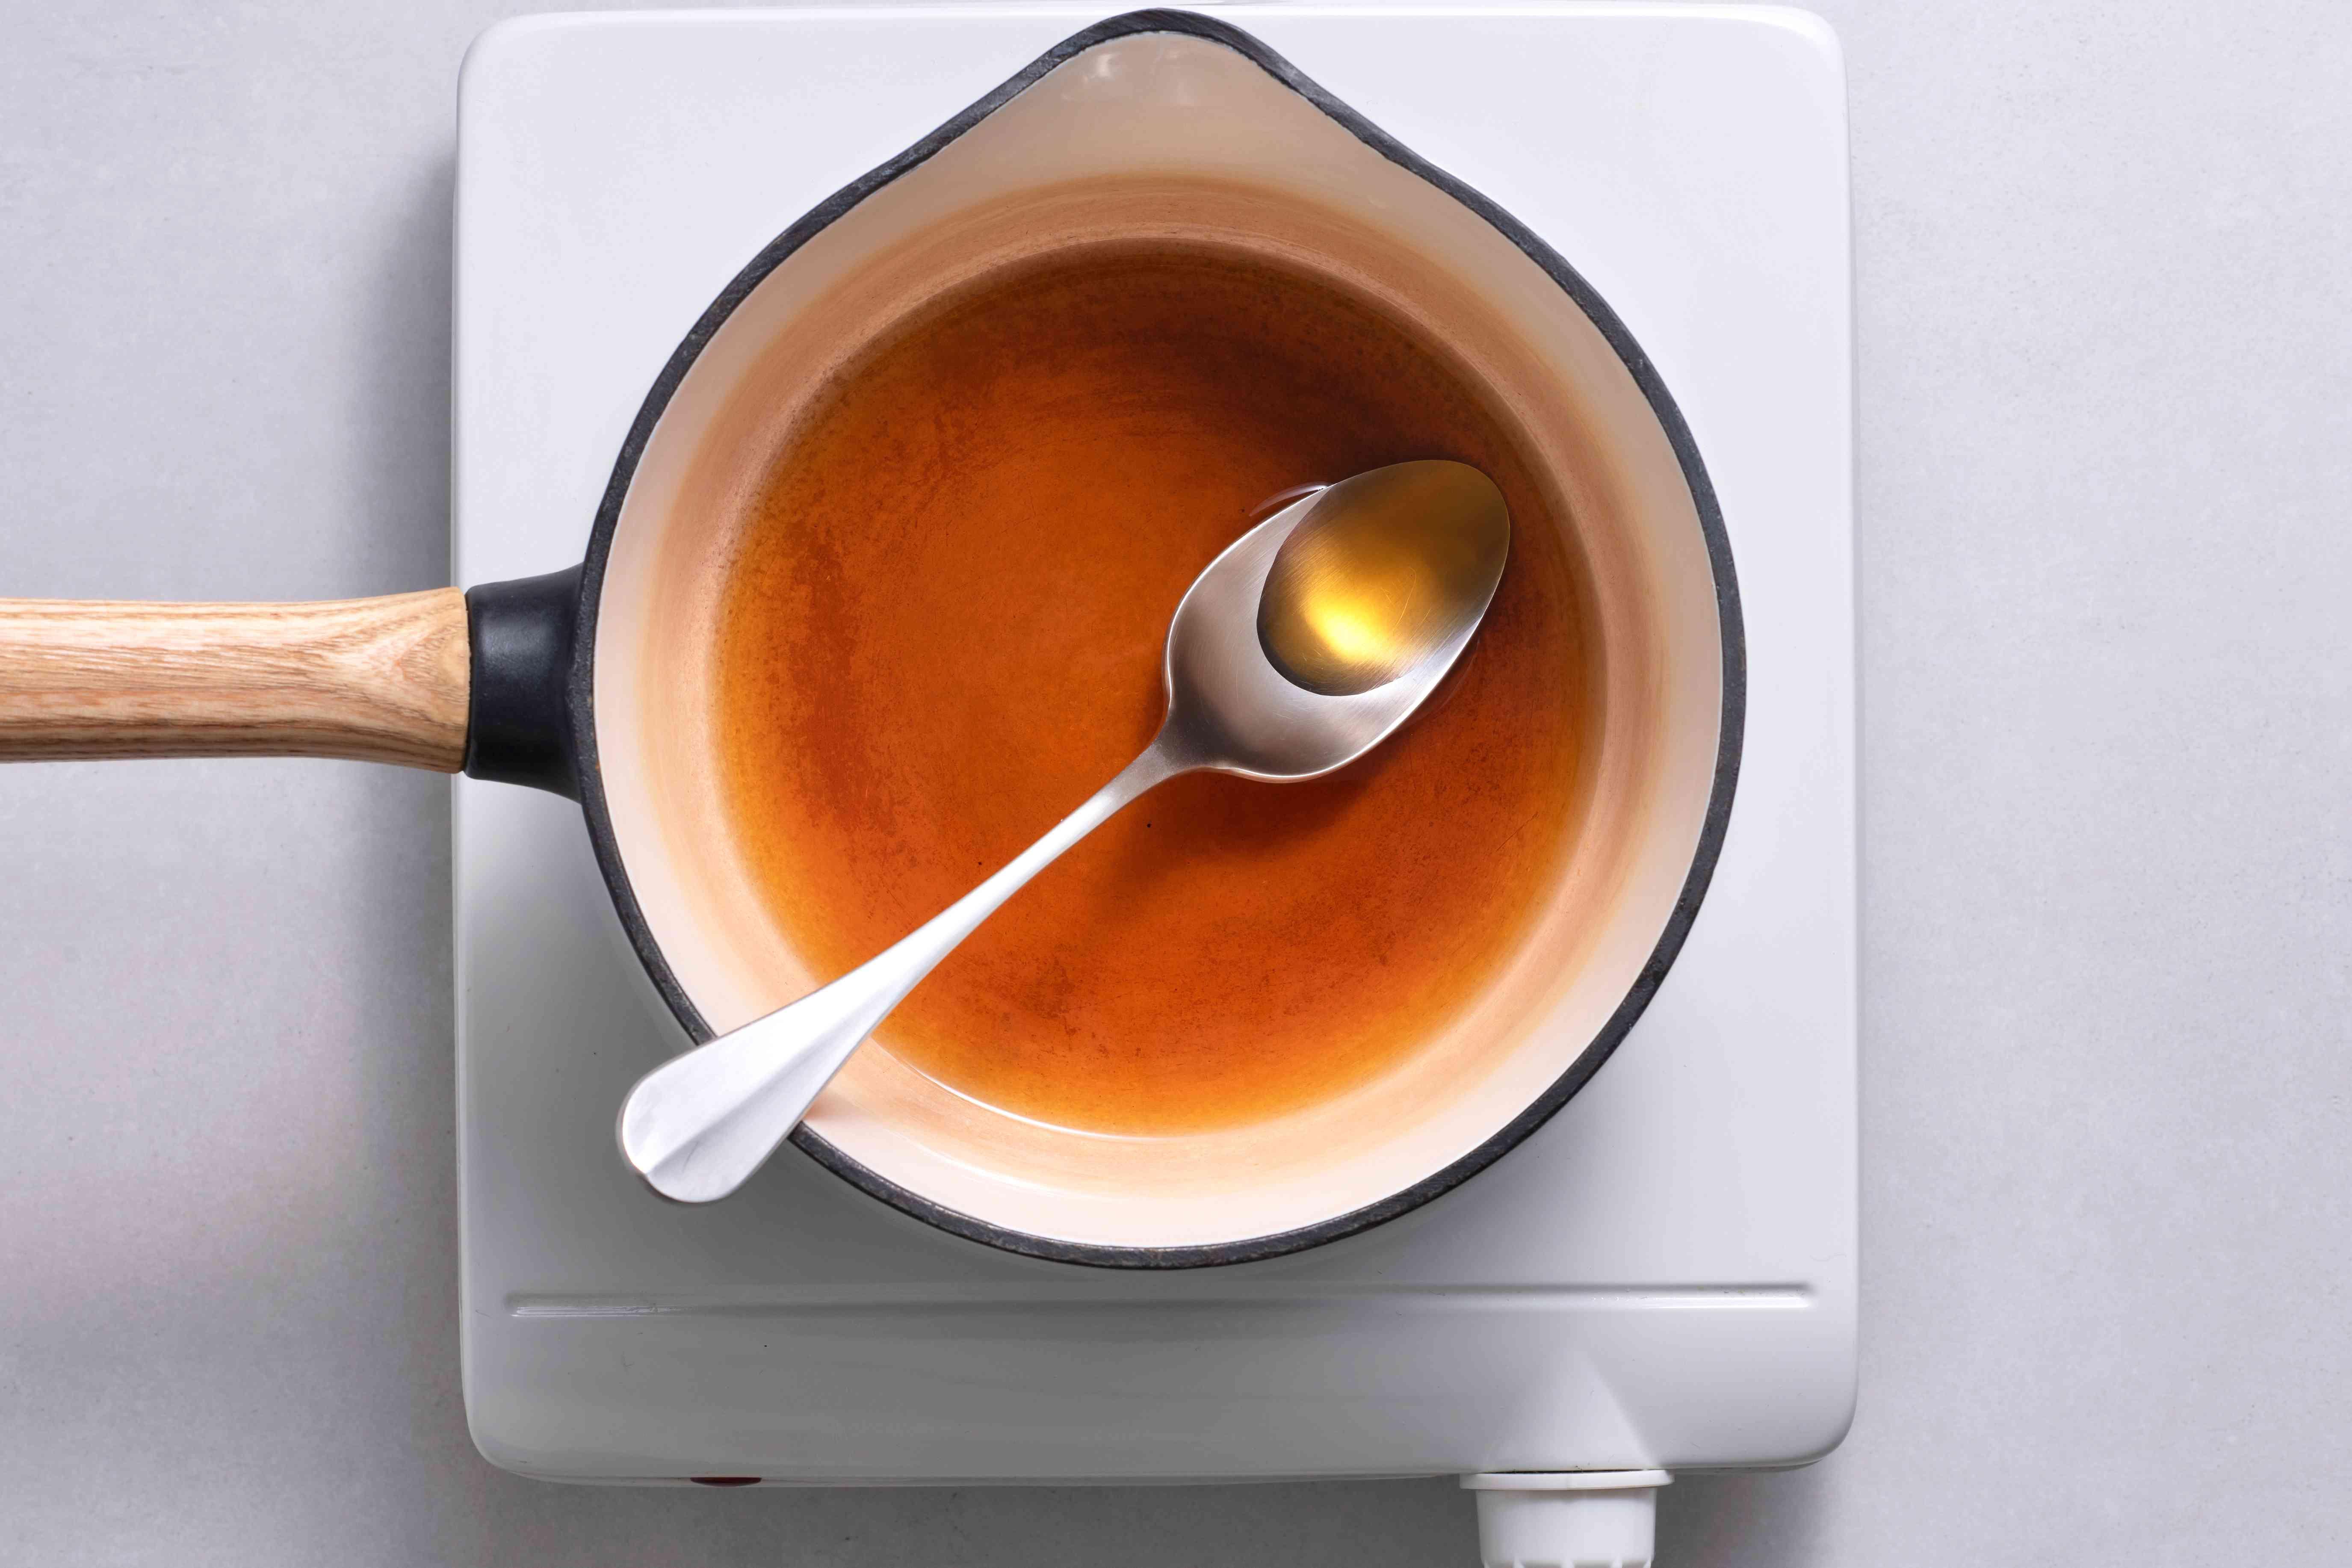 In a medium saucepan, combine water and brown sugar